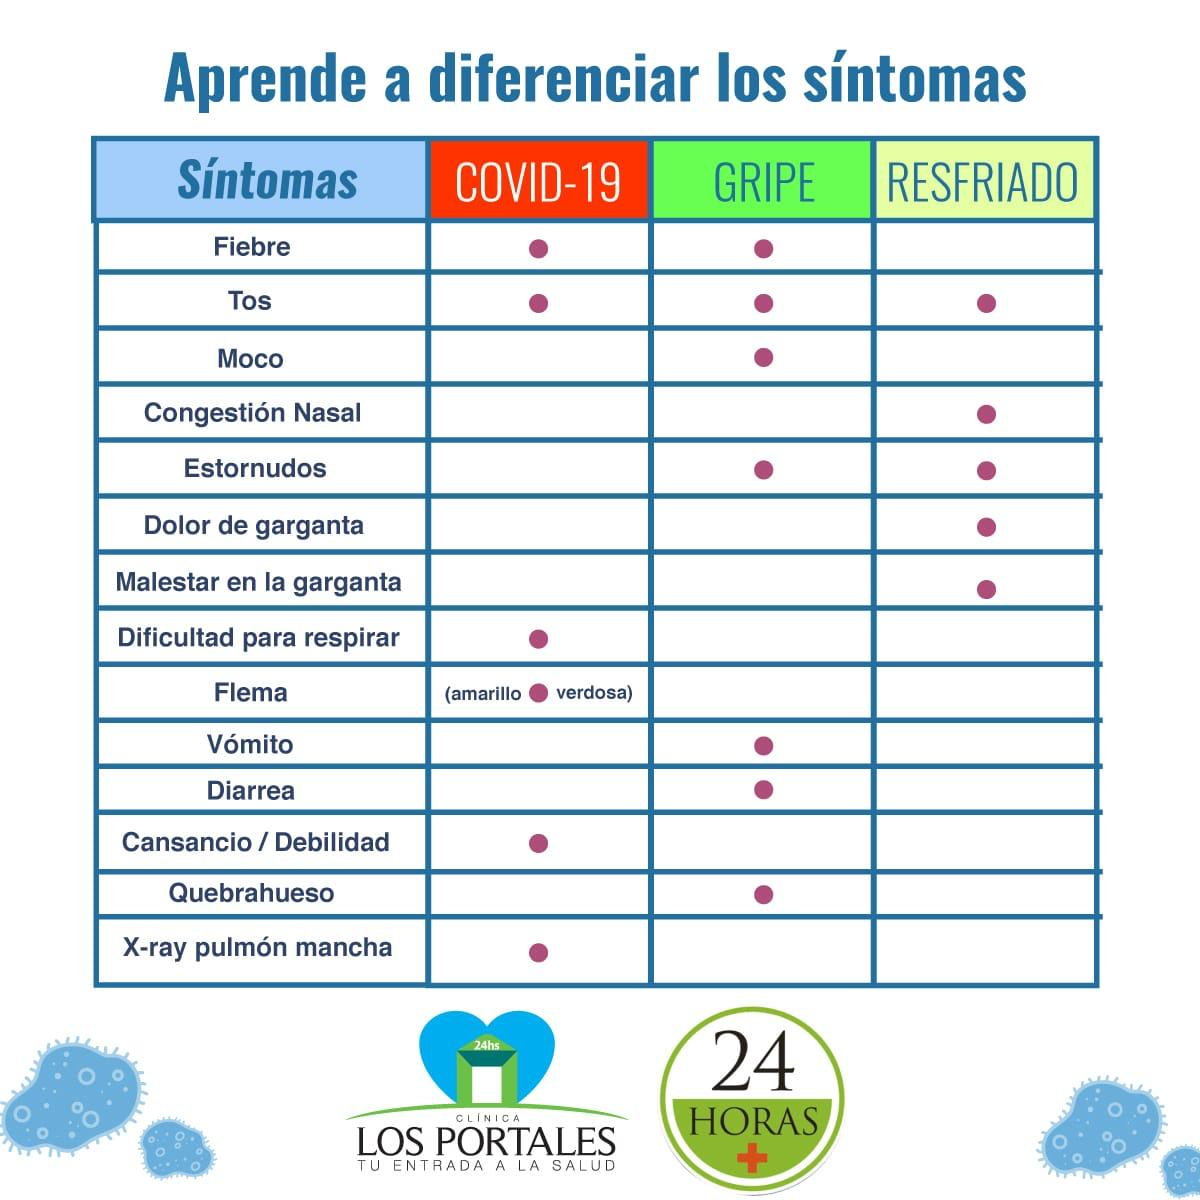 TABLA COMPARATIVA DE LAS ENFERMEDADES